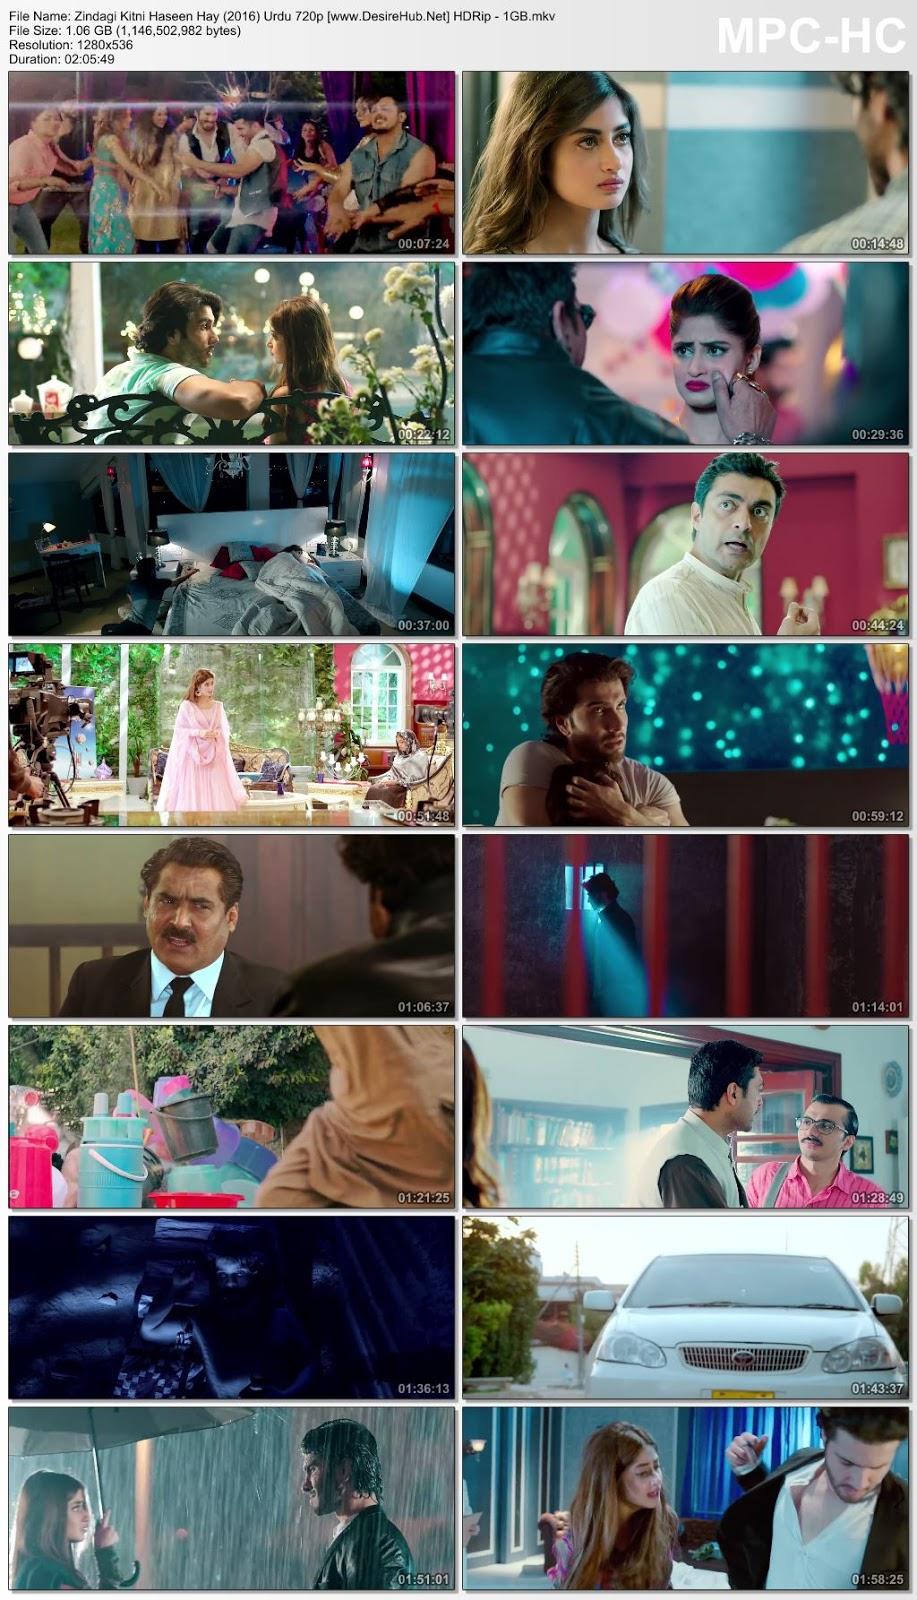 Zindagi Kitni Haseen Hay (2016) Urdu 720p HDRip – 1GB Desirehub